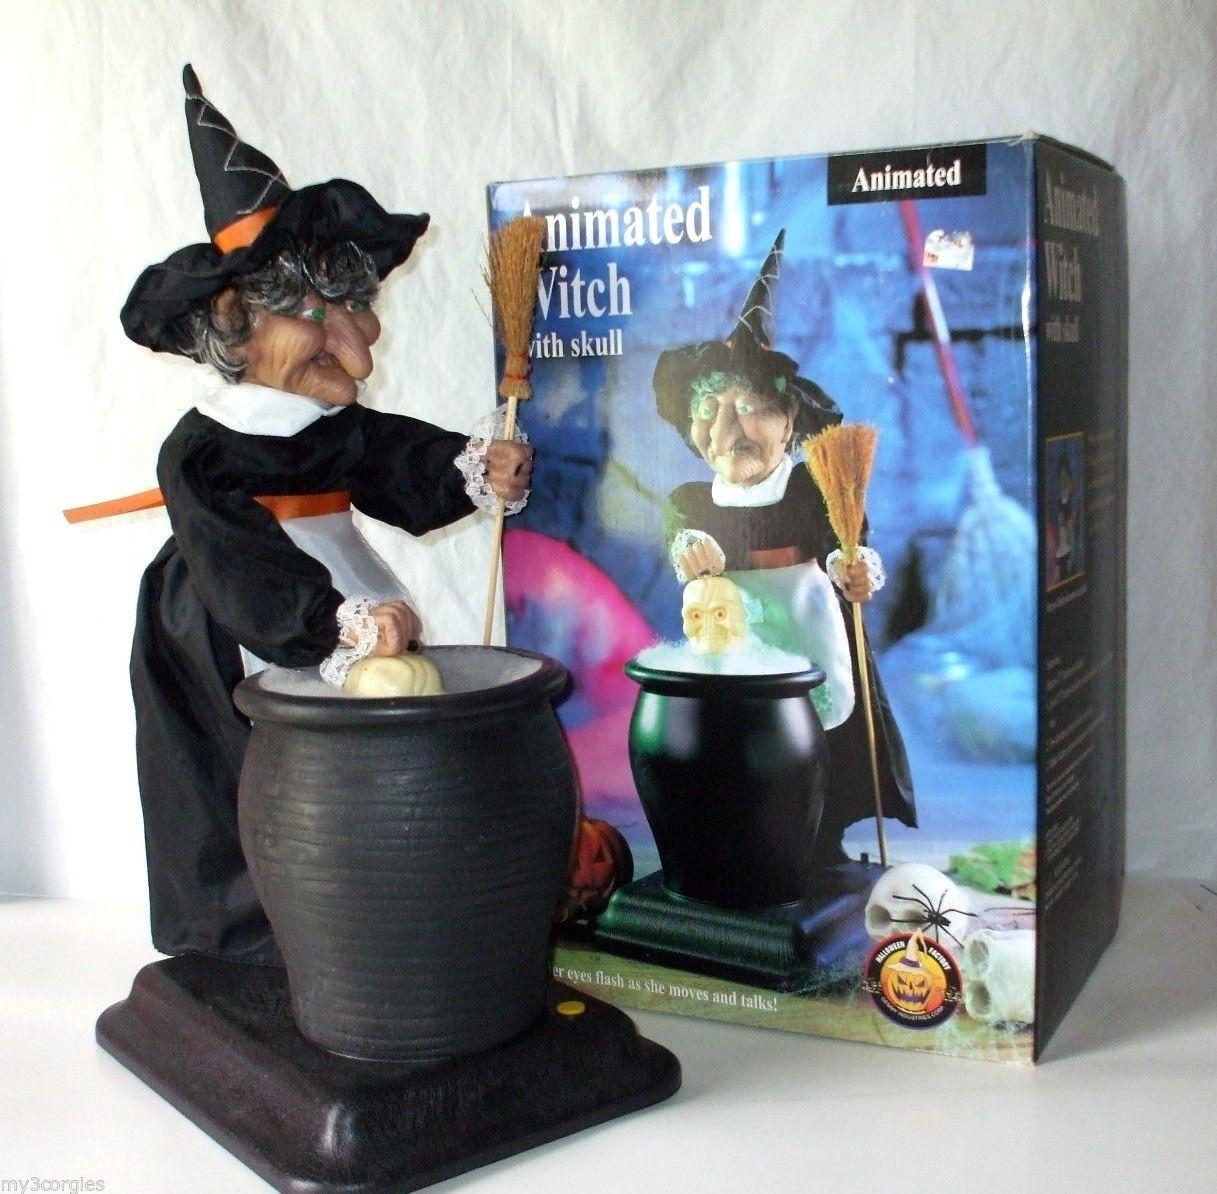 animated witch with skull in pot | gemmy wiki | fandom poweredwikia